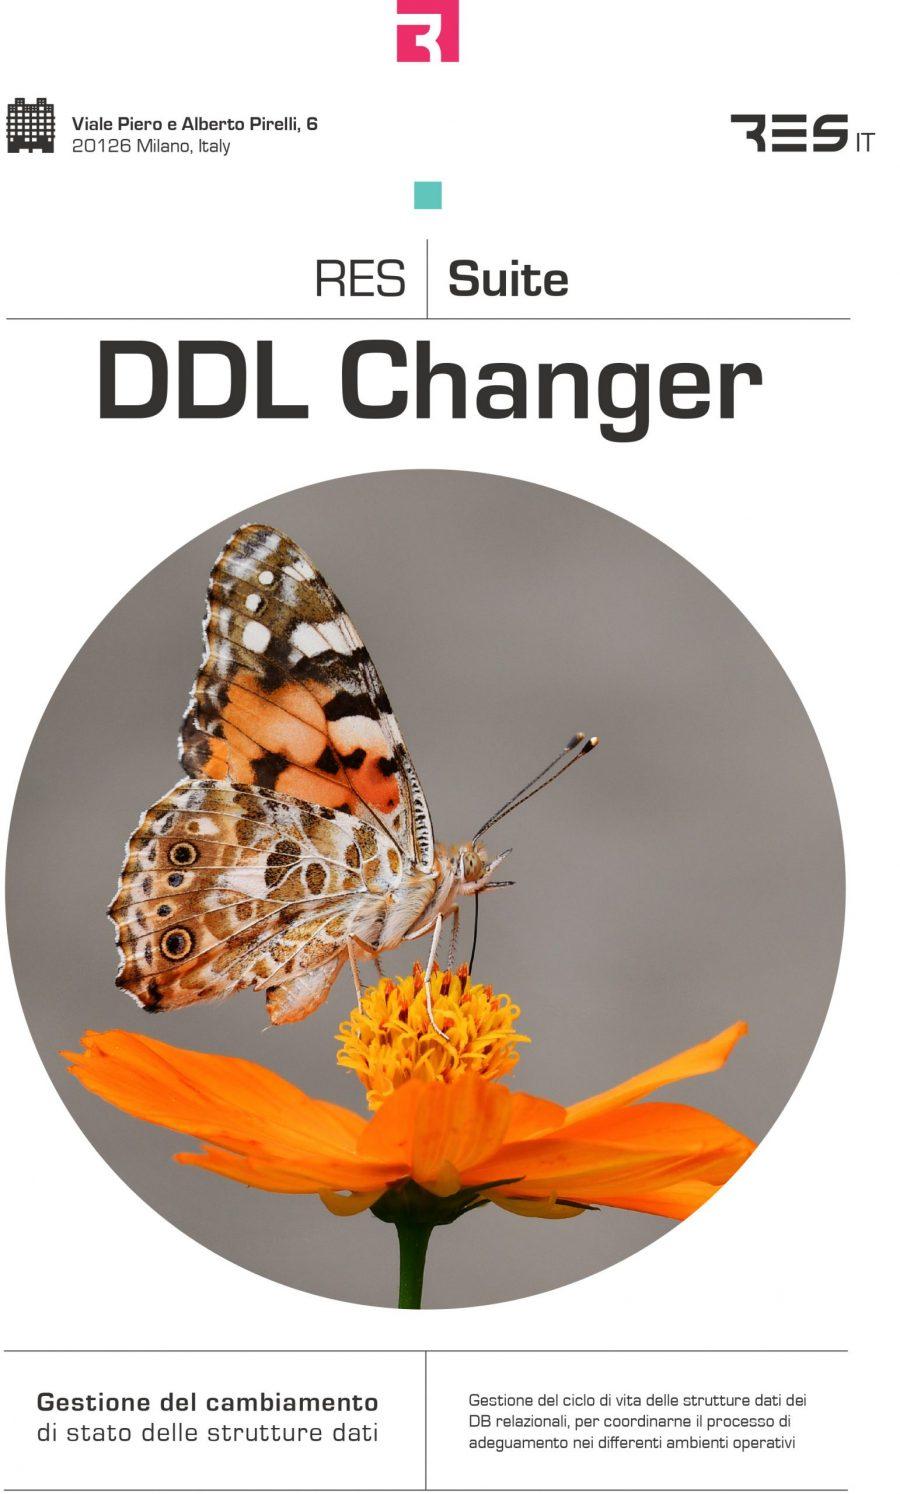 DDL Changer